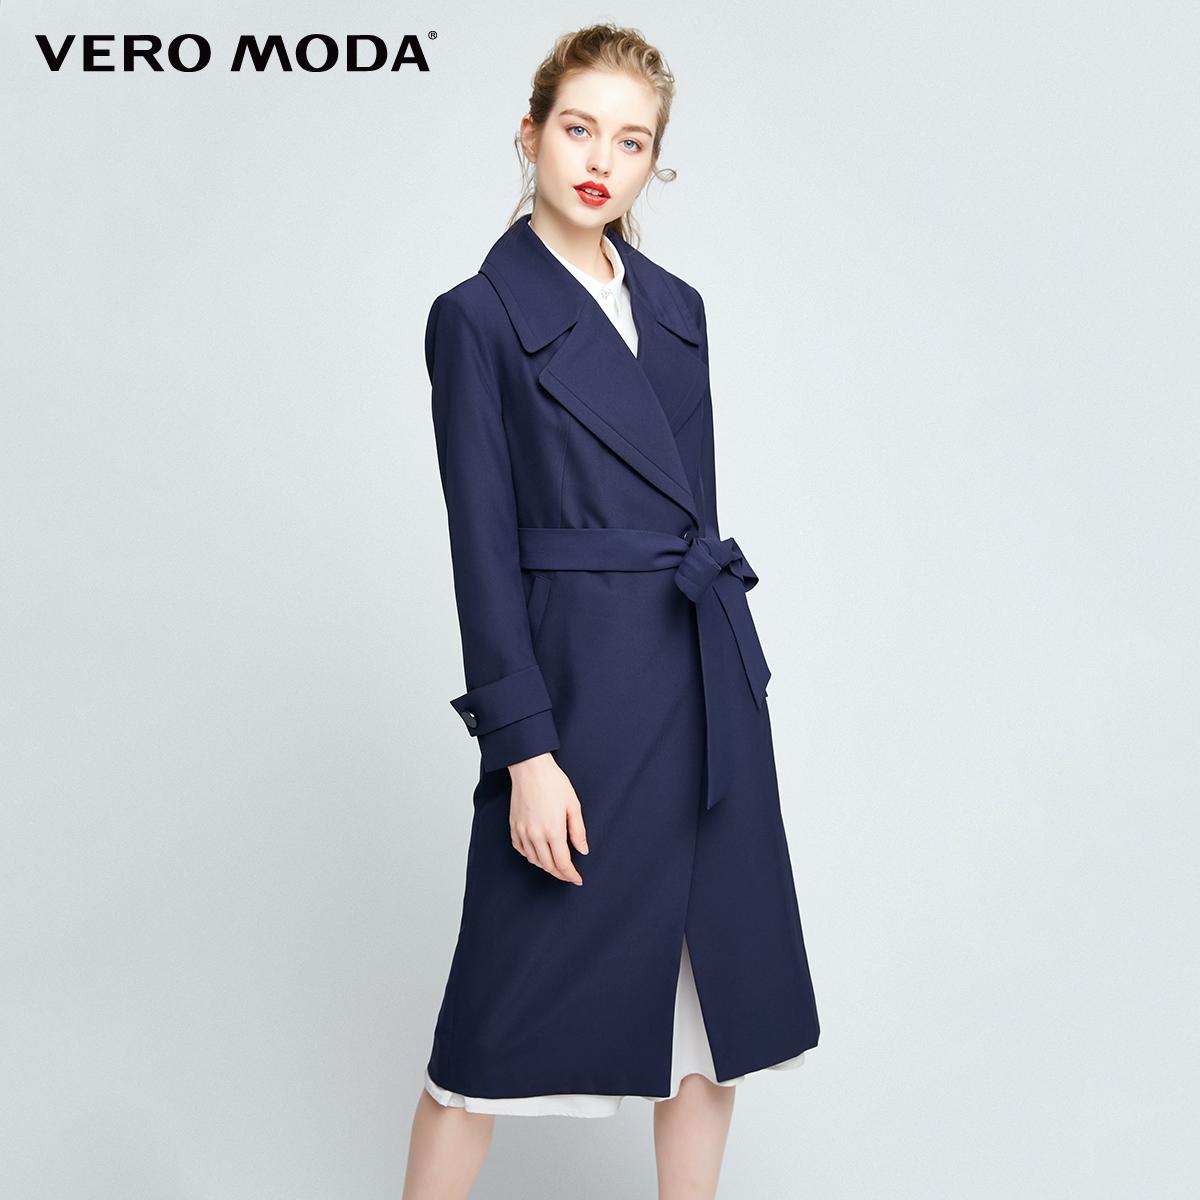 Vero Moda2017秋季新款翻领腰带装饰中长款风衣外套|317321514